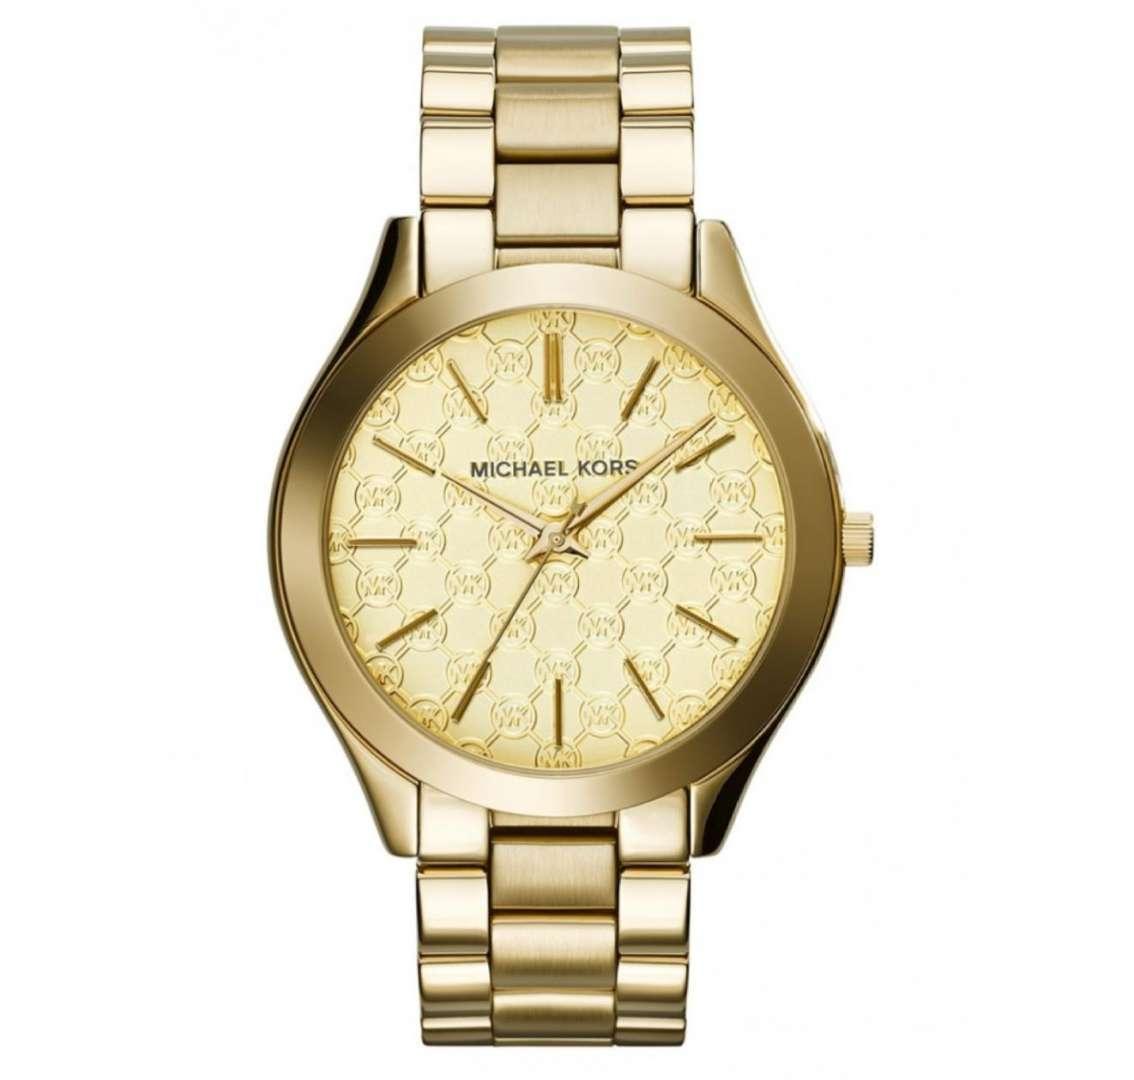 שעון יד אנלוגי לאישה michael kors mk3335 מייקל קורס